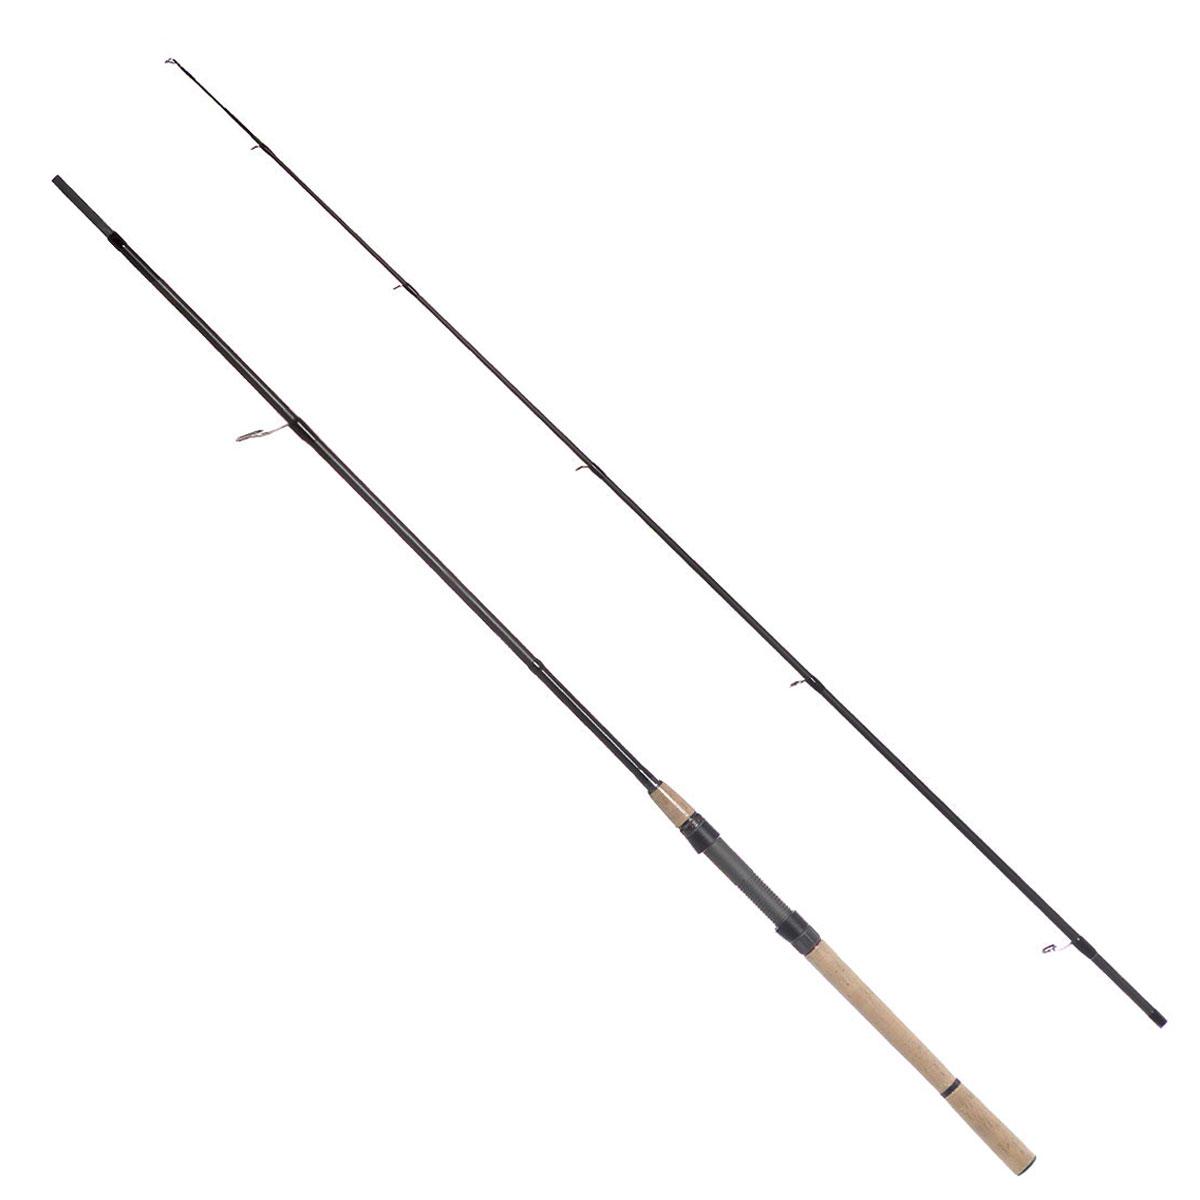 Спиннинг штекерный Daiwa Infinity-Q NEW Jigger, 2,10 м, 3-15 г41574Штекерный спиннинг Daiwa Infinity-Q NEW Jigger отличается новой длиной и тестом, обновленной конструкцией бланка. Несмотря на легкий вес, спиннинг достаточно мощный для схватки с рыбой вашей мечты. Стык колен V-Joint не изменяет естественную геометрию бланка, спиннинг ведет себя как одночастный. Спиннинг Daiwa Infinity-Q NEW Jigger значительно легче своих предшественников, а также отличается более быстрым строем. Тест: 3-15 г.